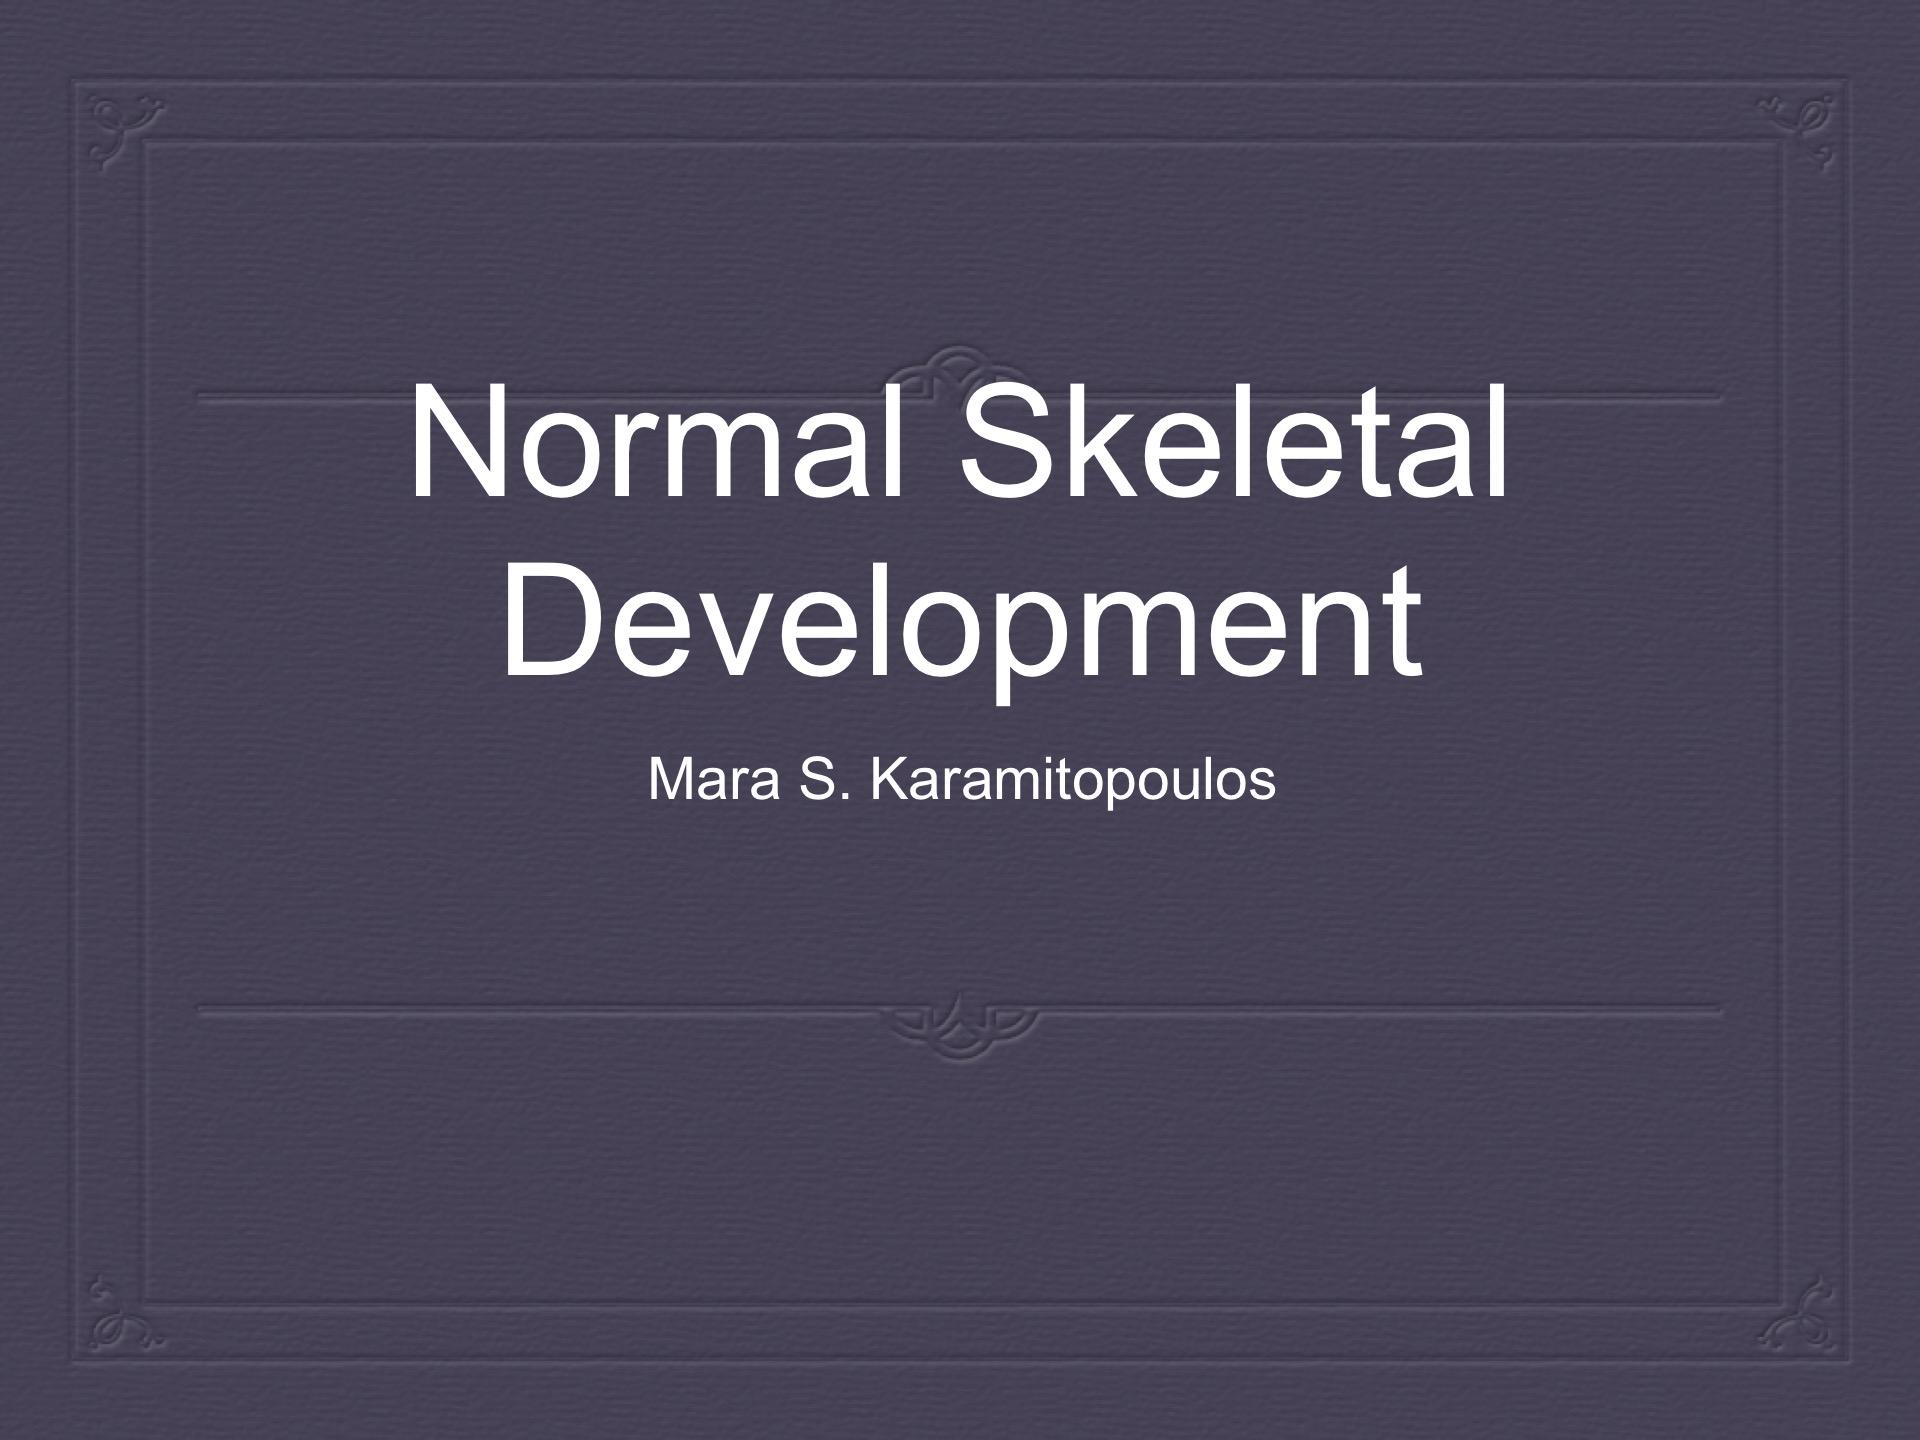 Normal Skeletal Development